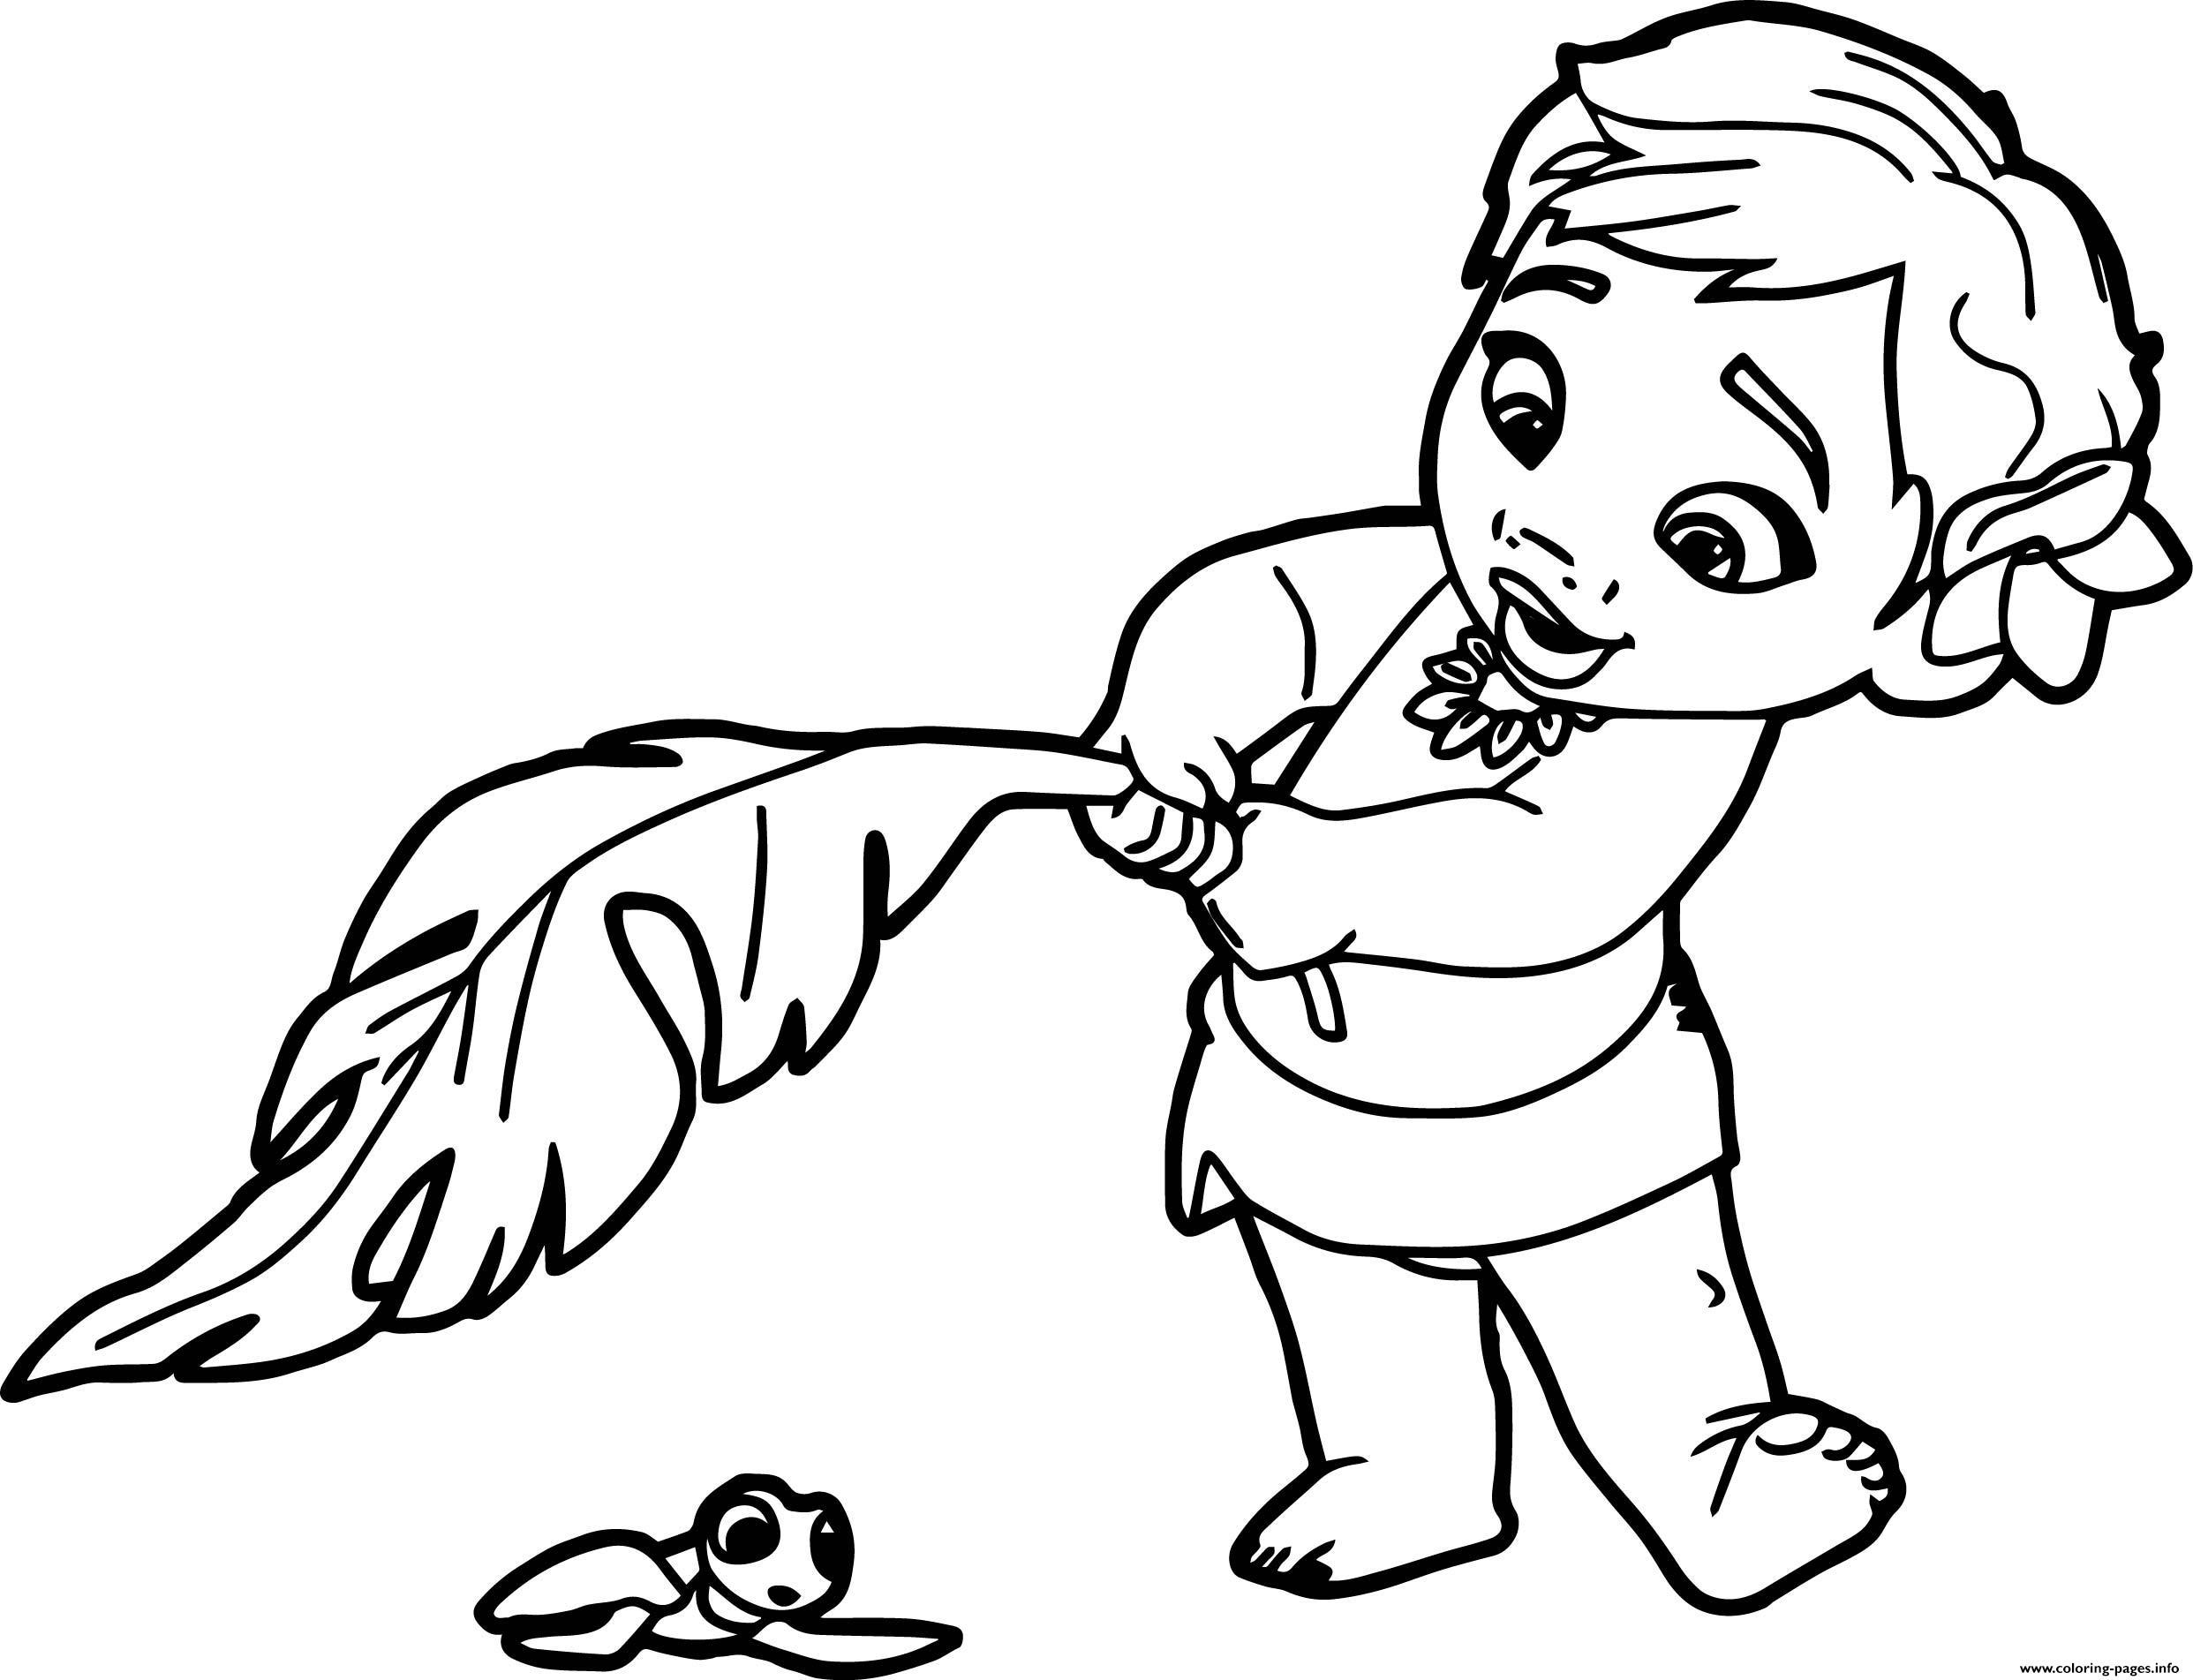 2484x1903 Print Baby Moana Princess Disney Coloring Pages Magi